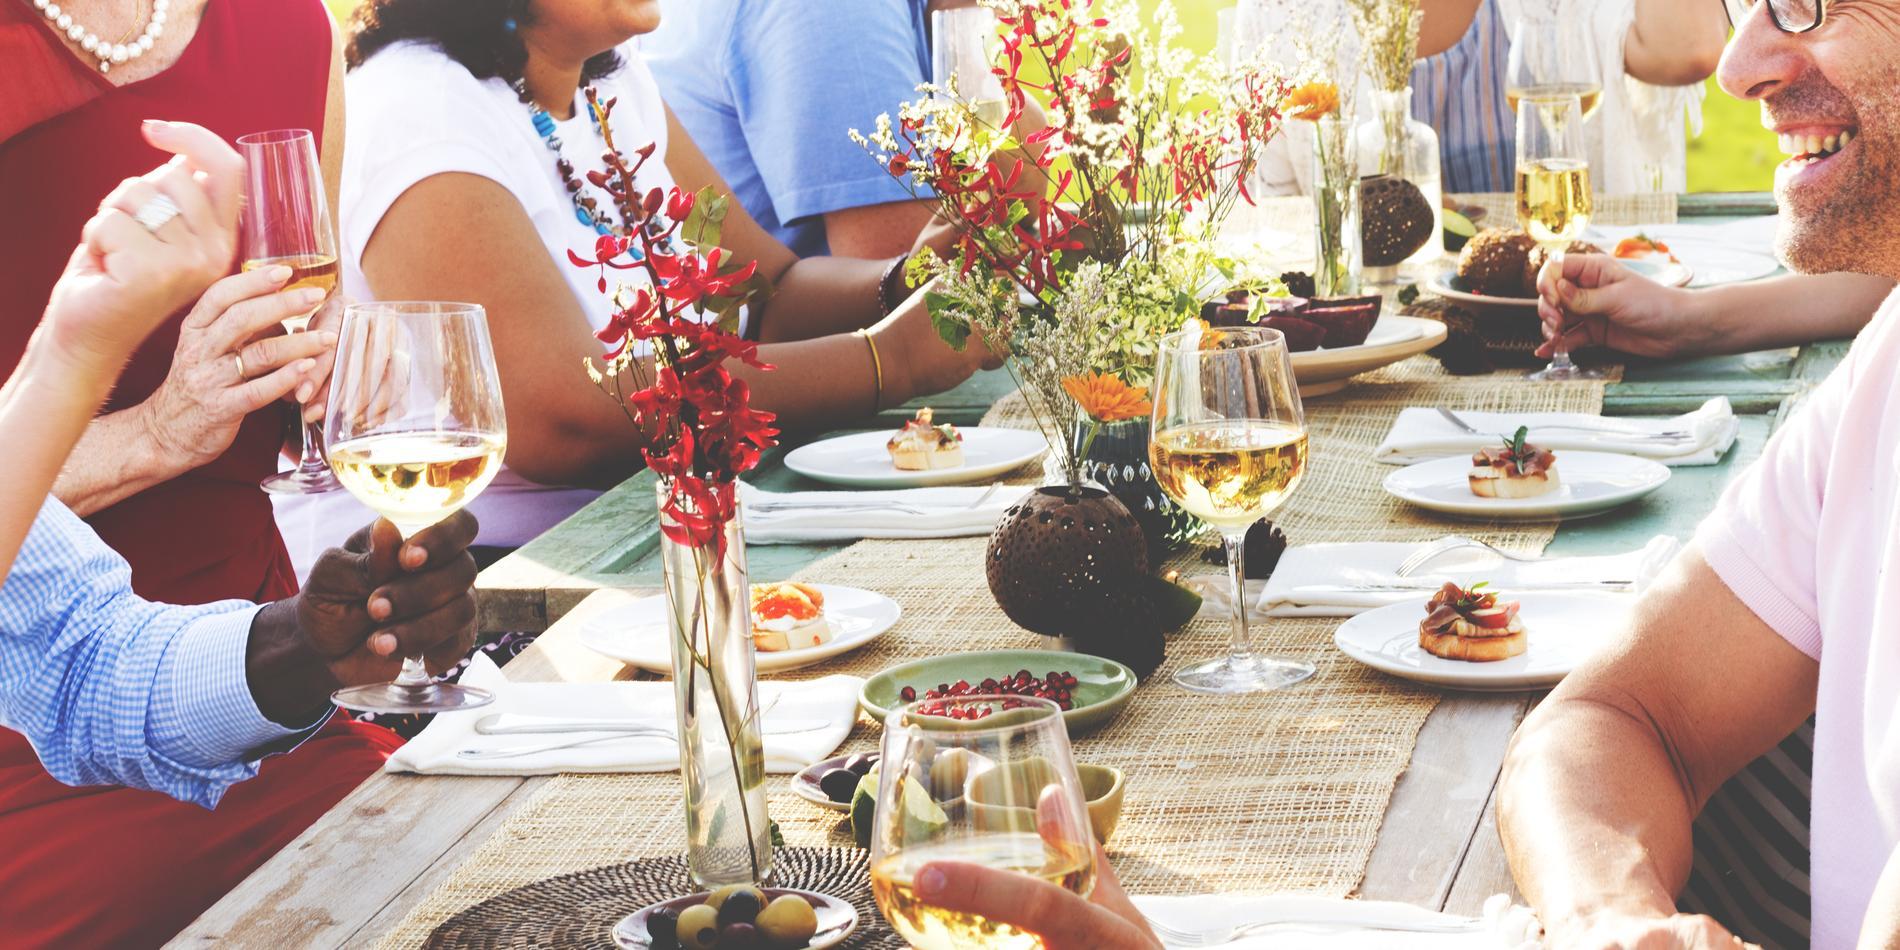 Idées Repas De Fête Entre Amis recettes fête des voisins : recettes faciles et rapides